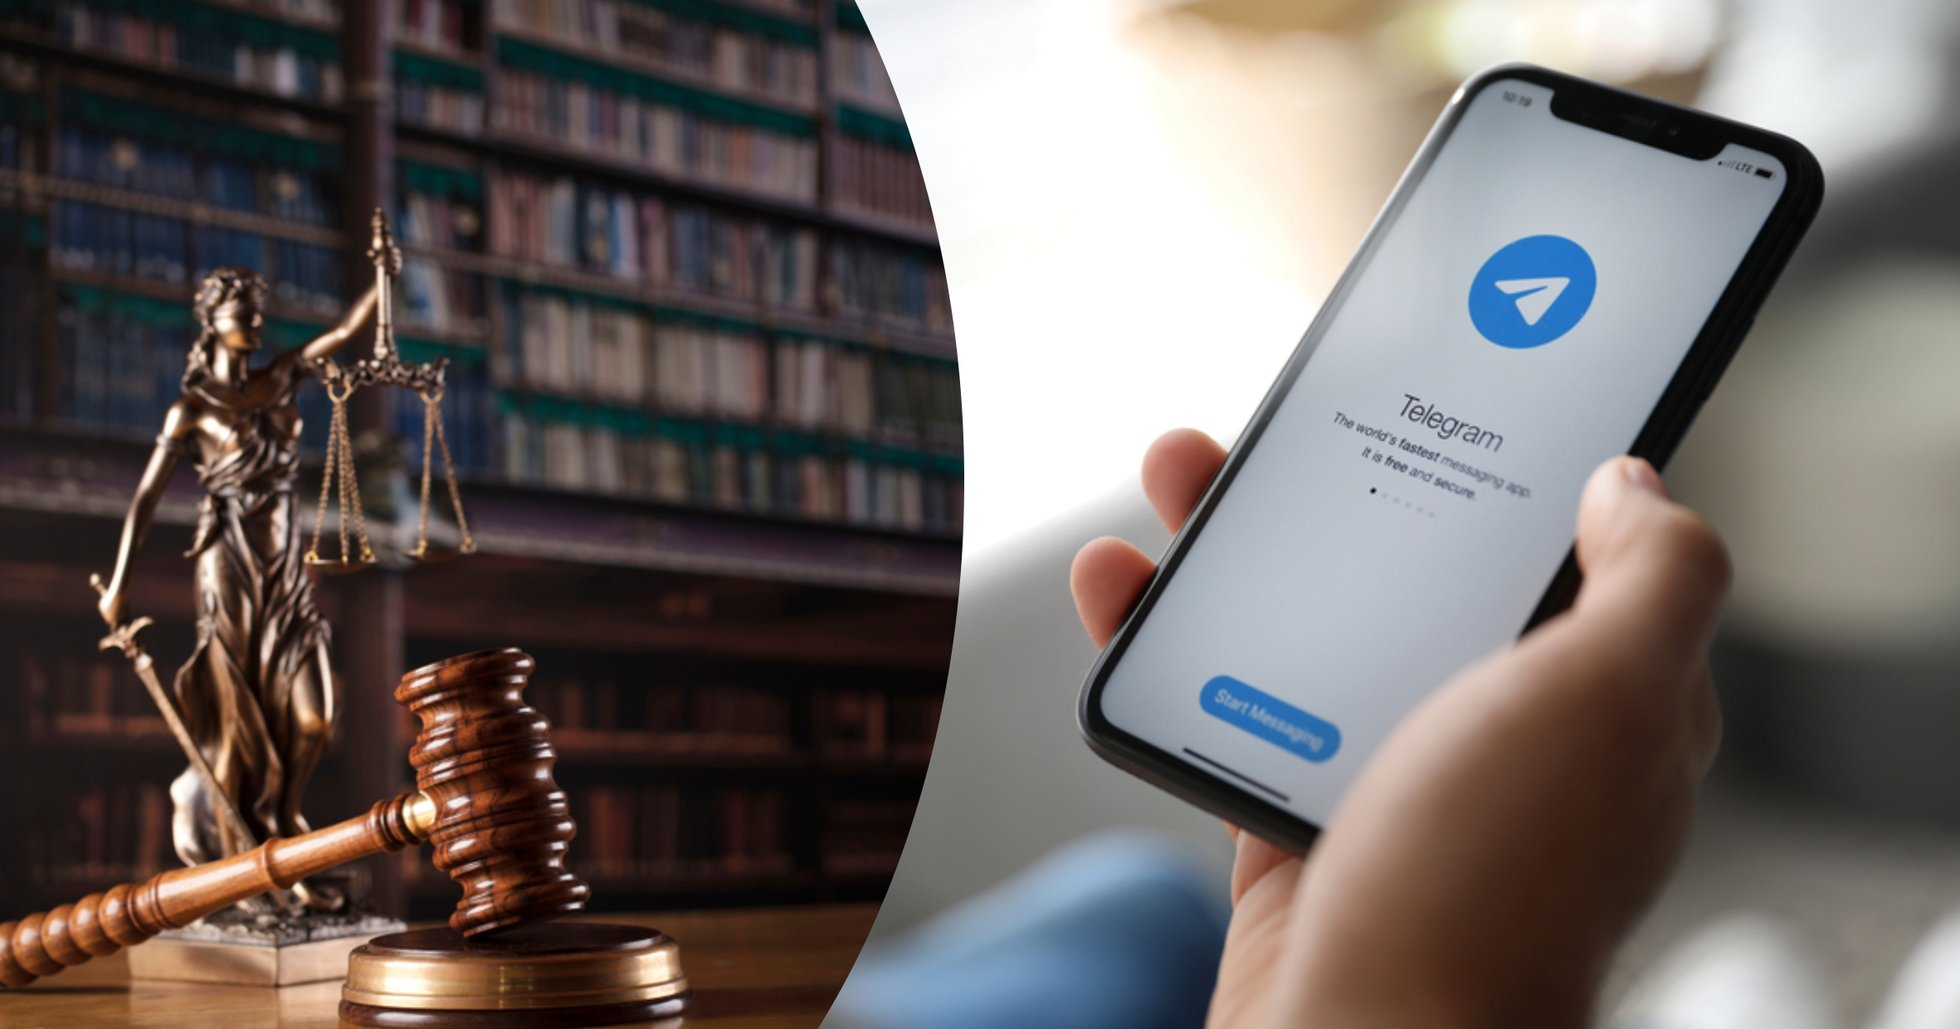 Efter långa rättstvisten – Telegram skrotar sitt kryptoprojekt helt och hållet